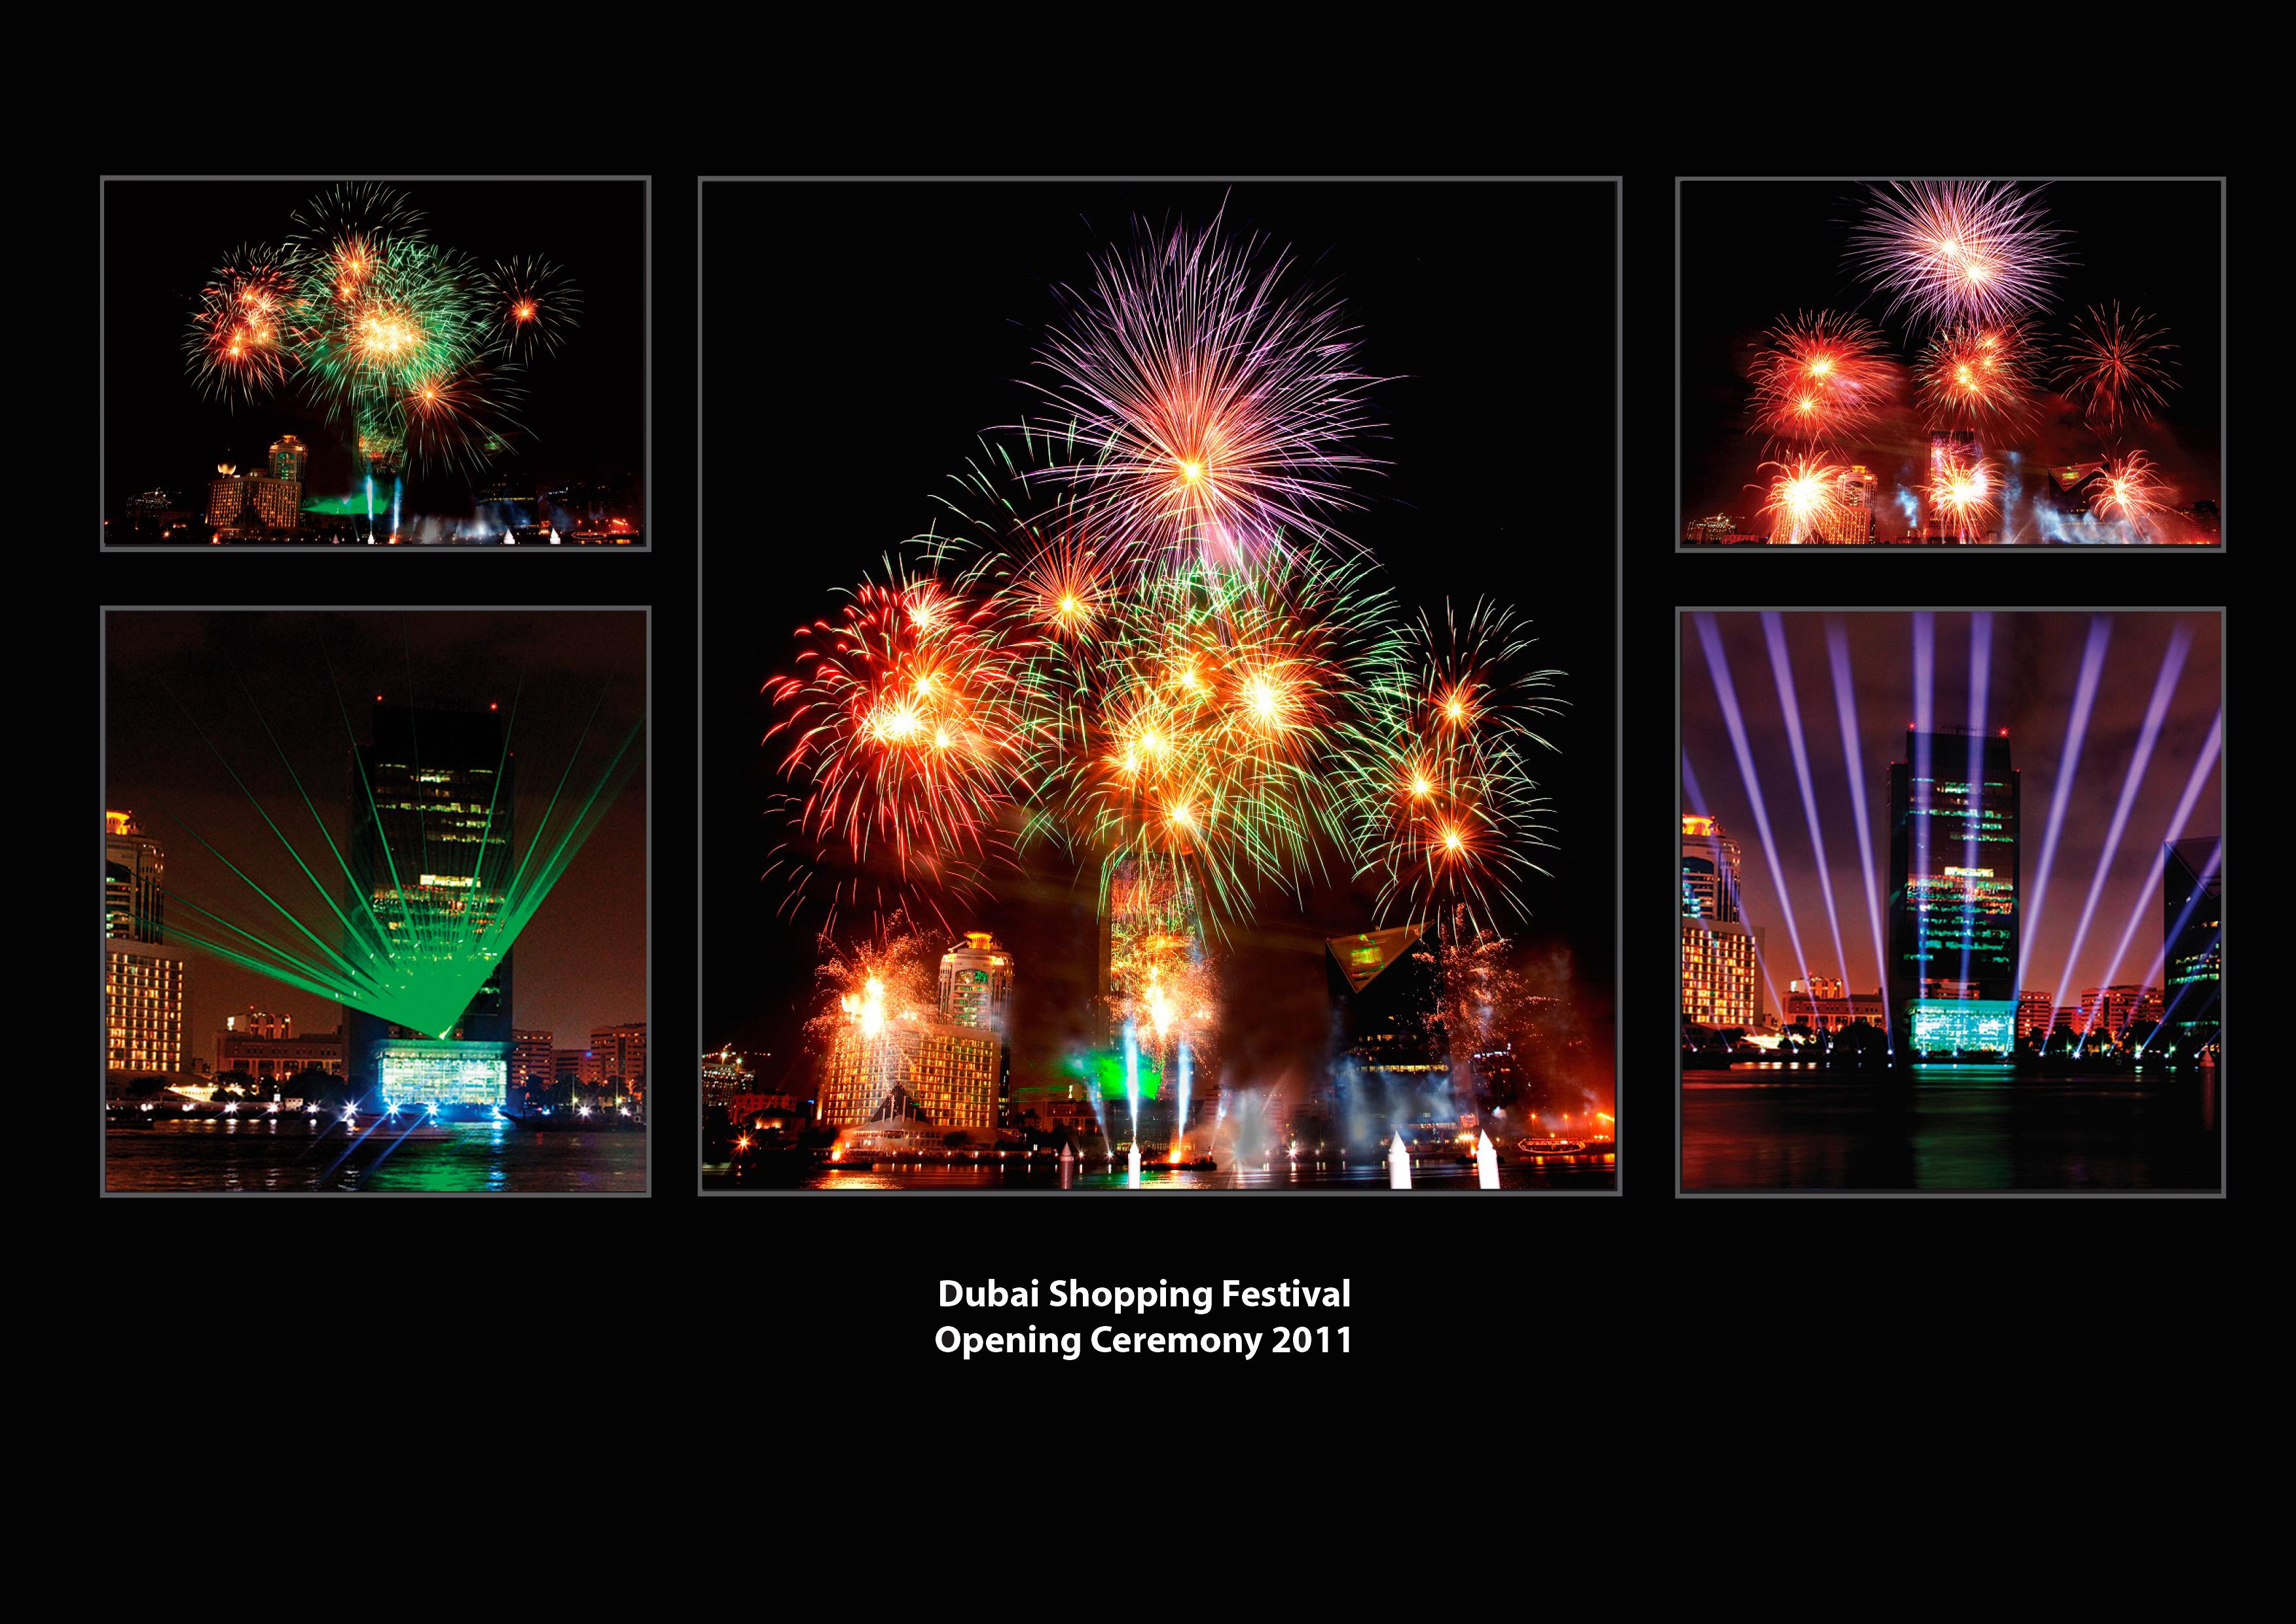 Dubai Shopping Festival-Opening 2011